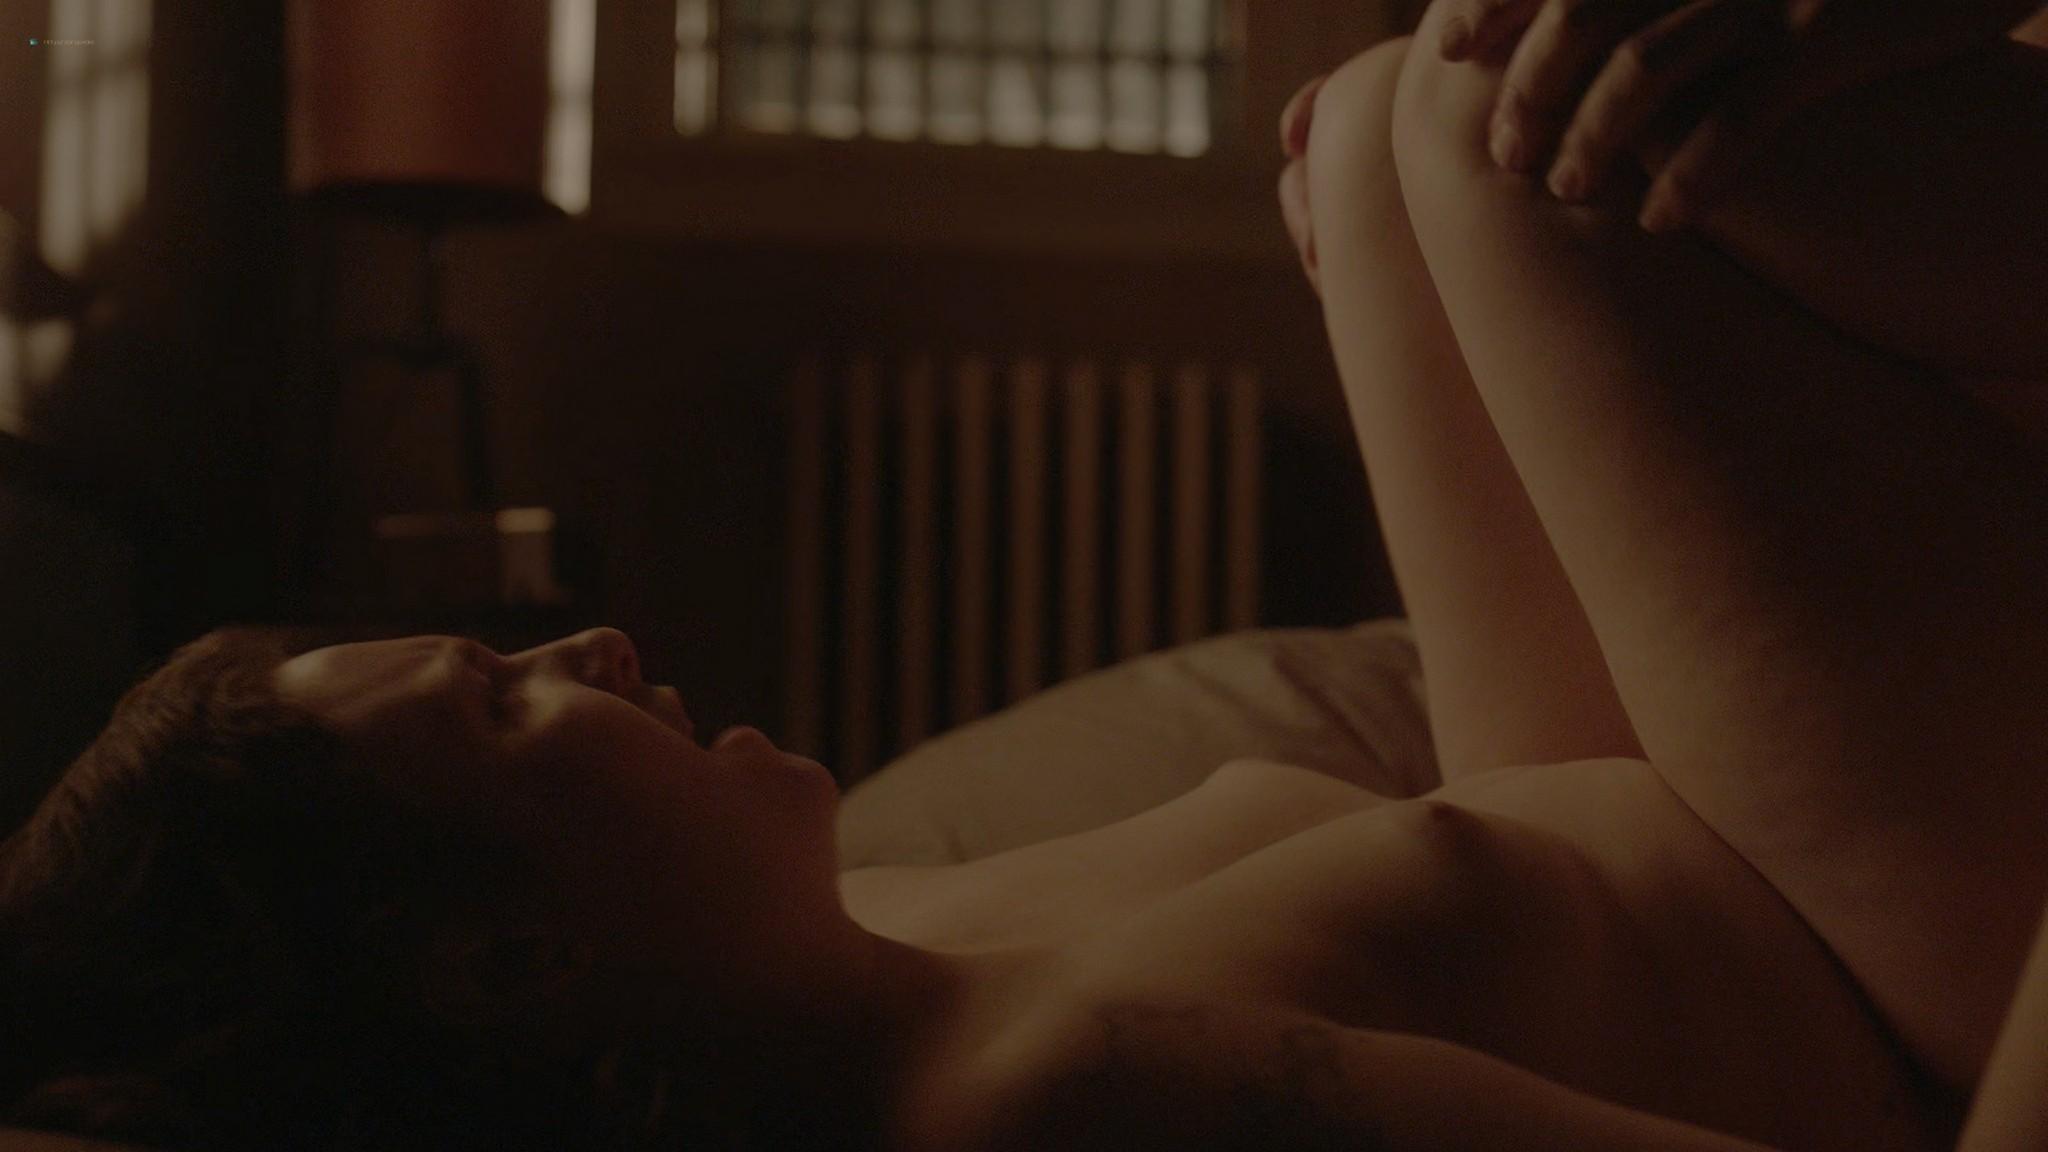 Allison Williams sex doggy style Lena Dunham nude Girls 2012 s1e1 2 1080p Web 12